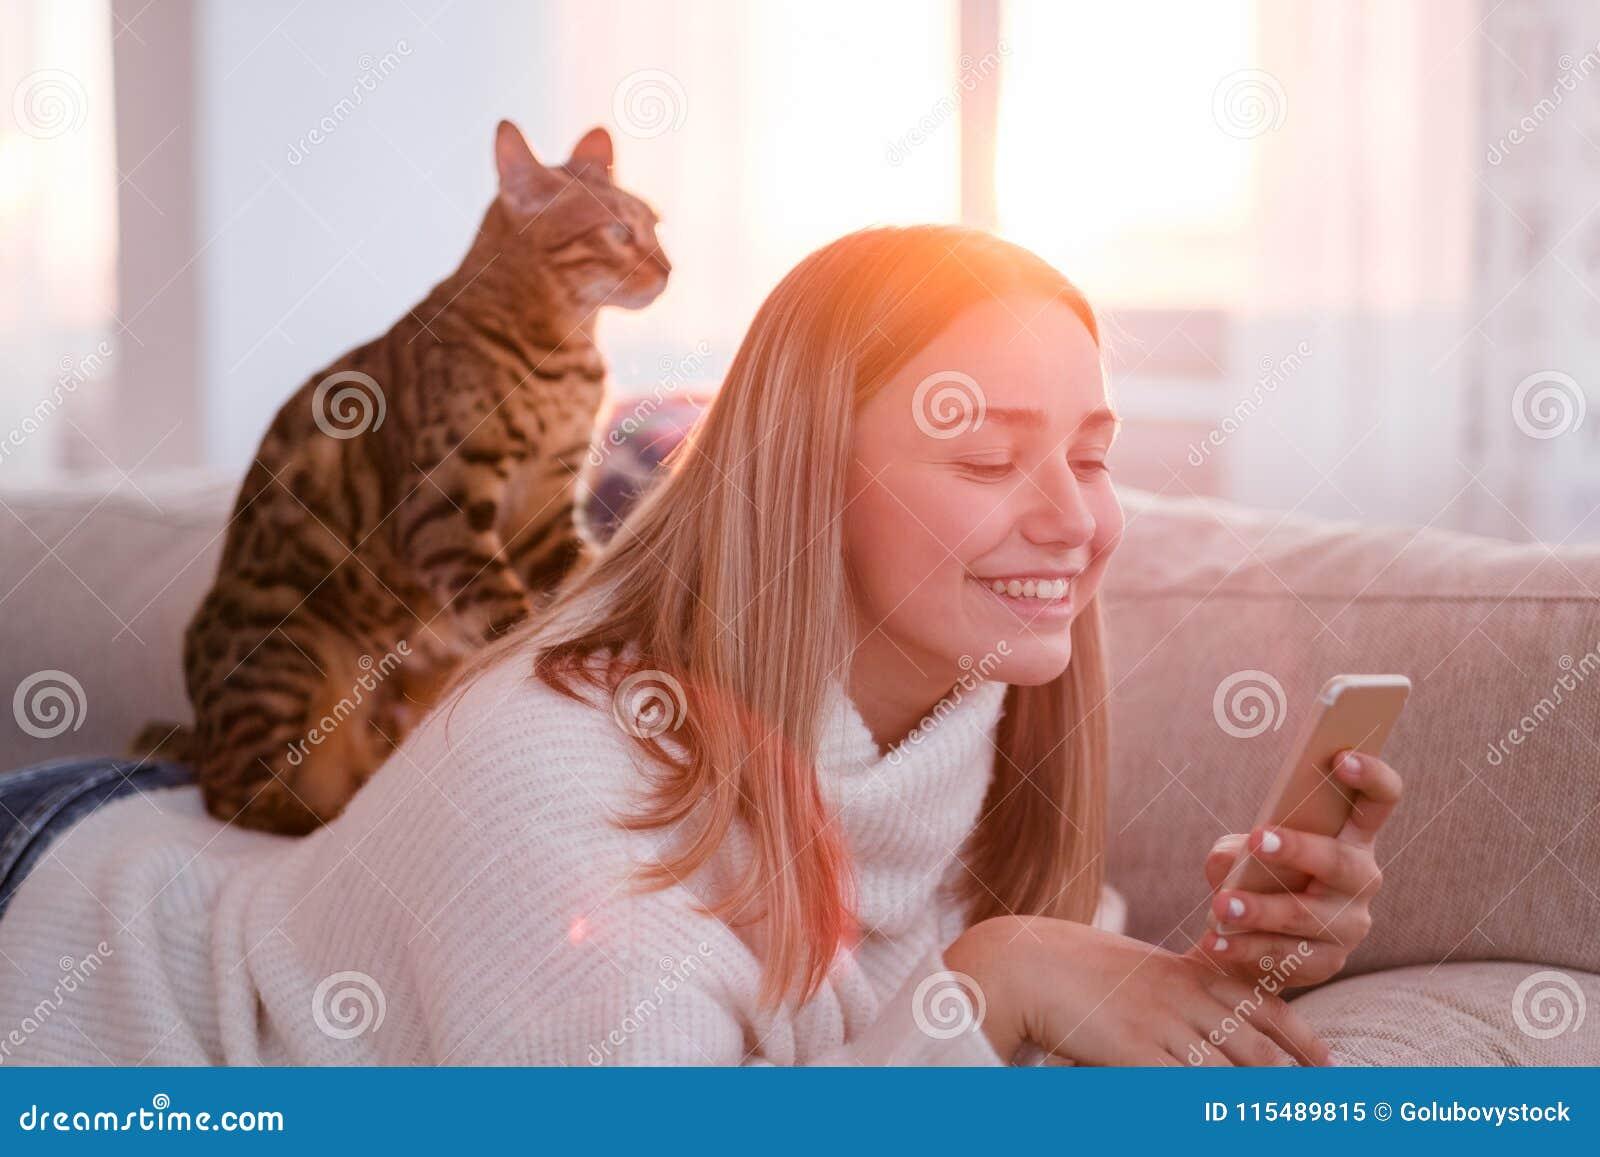 Kota masażu istoty ludzkiej więzi zwierzęcej kiciuni szczęśliwa rozrywka